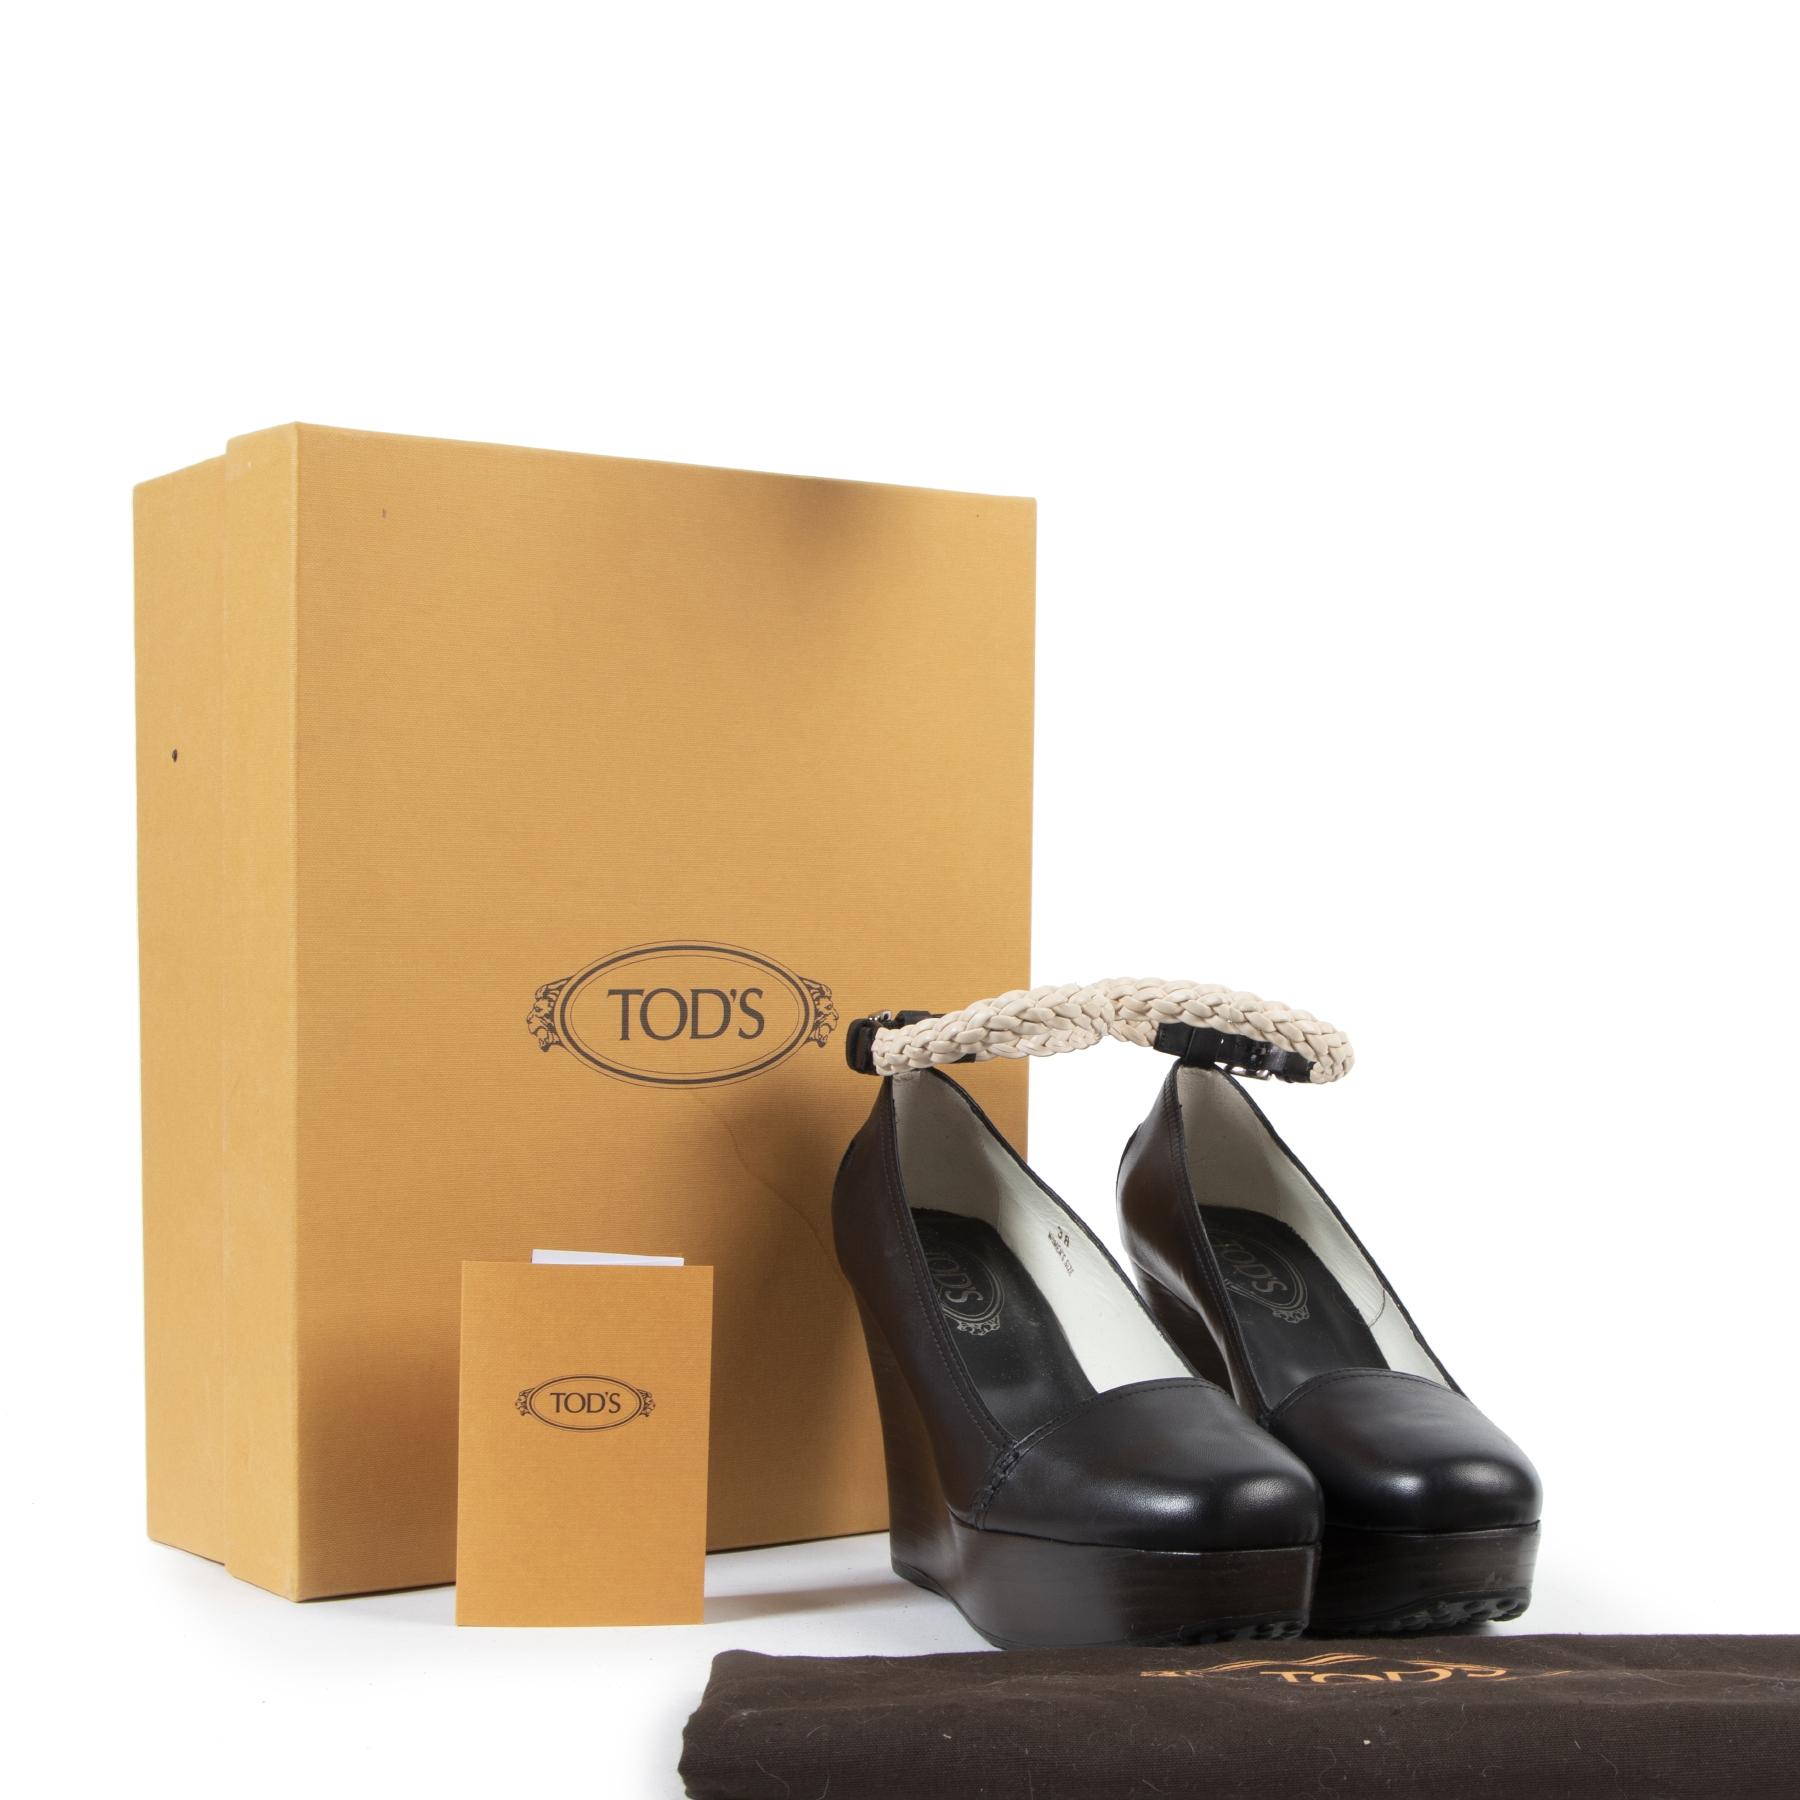 Authentieke tweedehands vintage Tods Black Wedge Heels - Size 38 koop online webshop LabelLOV